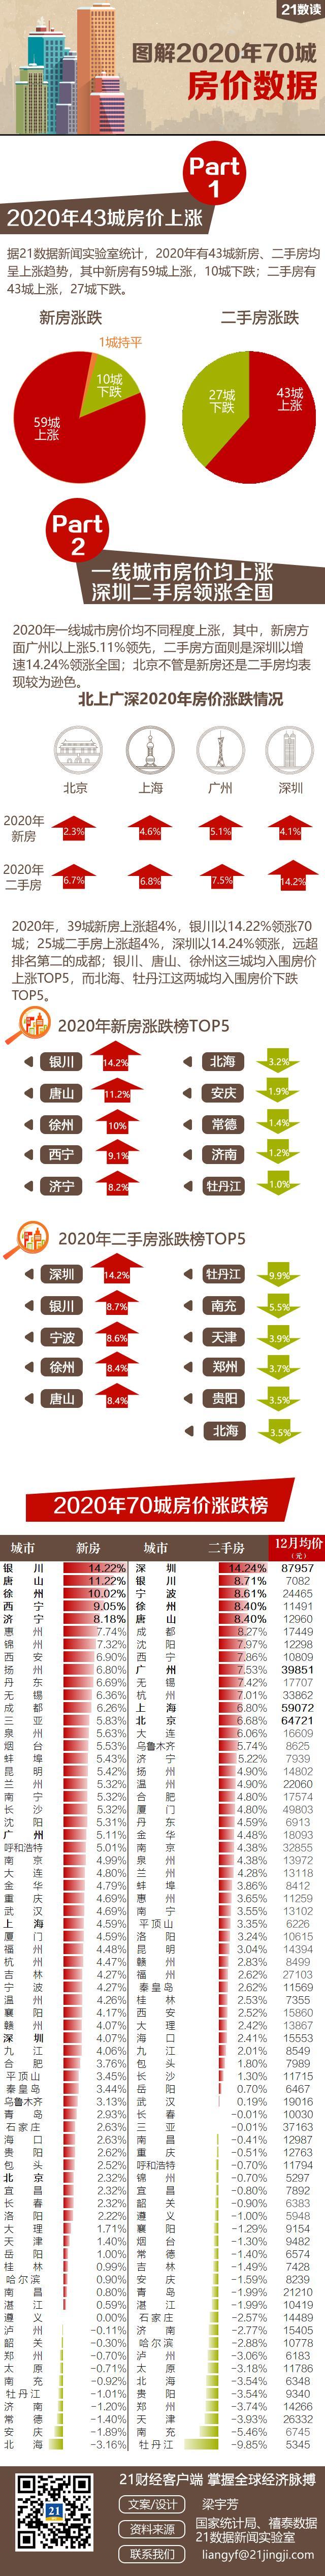 2020年房价涨幅榜出炉:43城房价上涨,深圳领先,你家房子是涨还是跌?